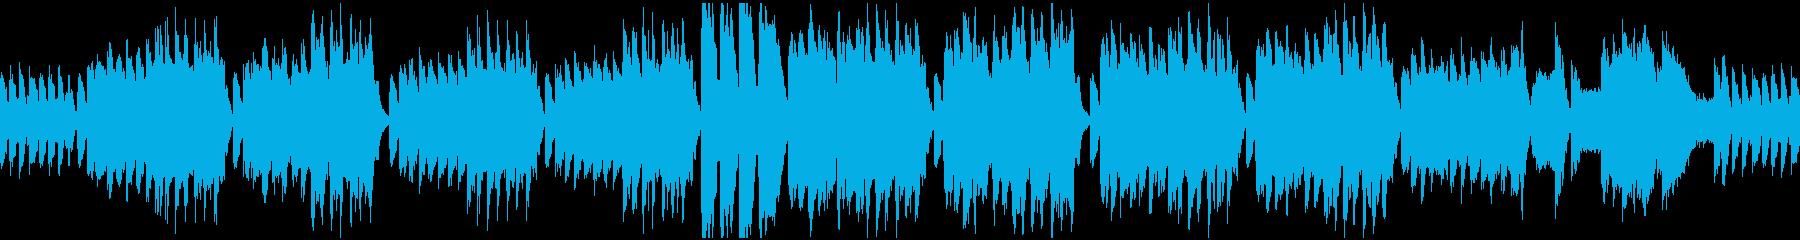 クラシカルな怪しいBGM_ループの再生済みの波形